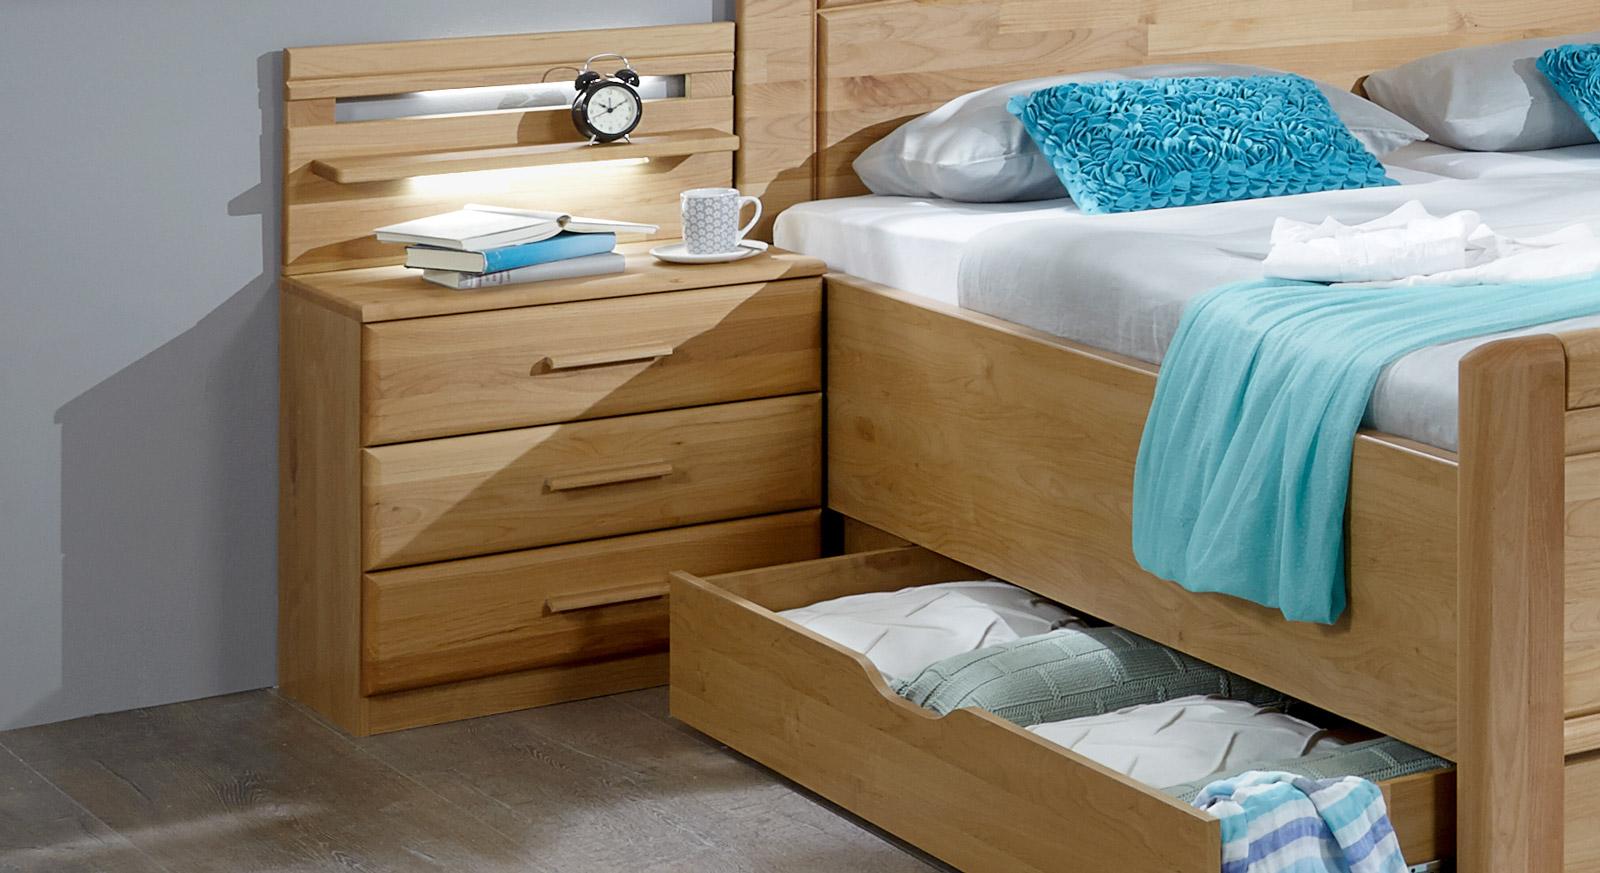 nachttisch hoch full size of nachttische fur plant ziemlich nachttisch zu hoch wohndesign with. Black Bedroom Furniture Sets. Home Design Ideas